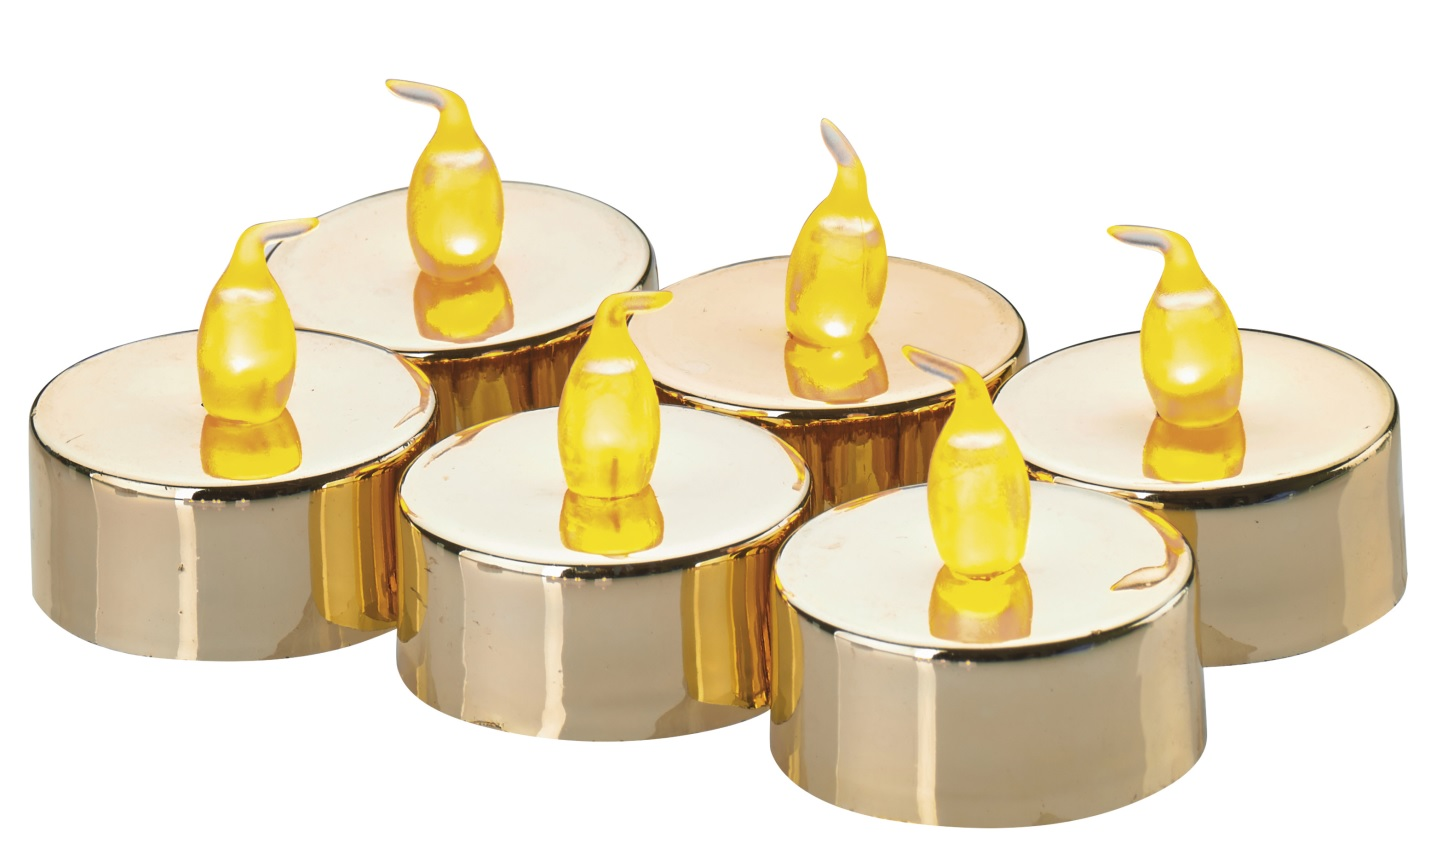 Svíčky LED svítící jantarové, 3,8 cm, 6 ks zlaté